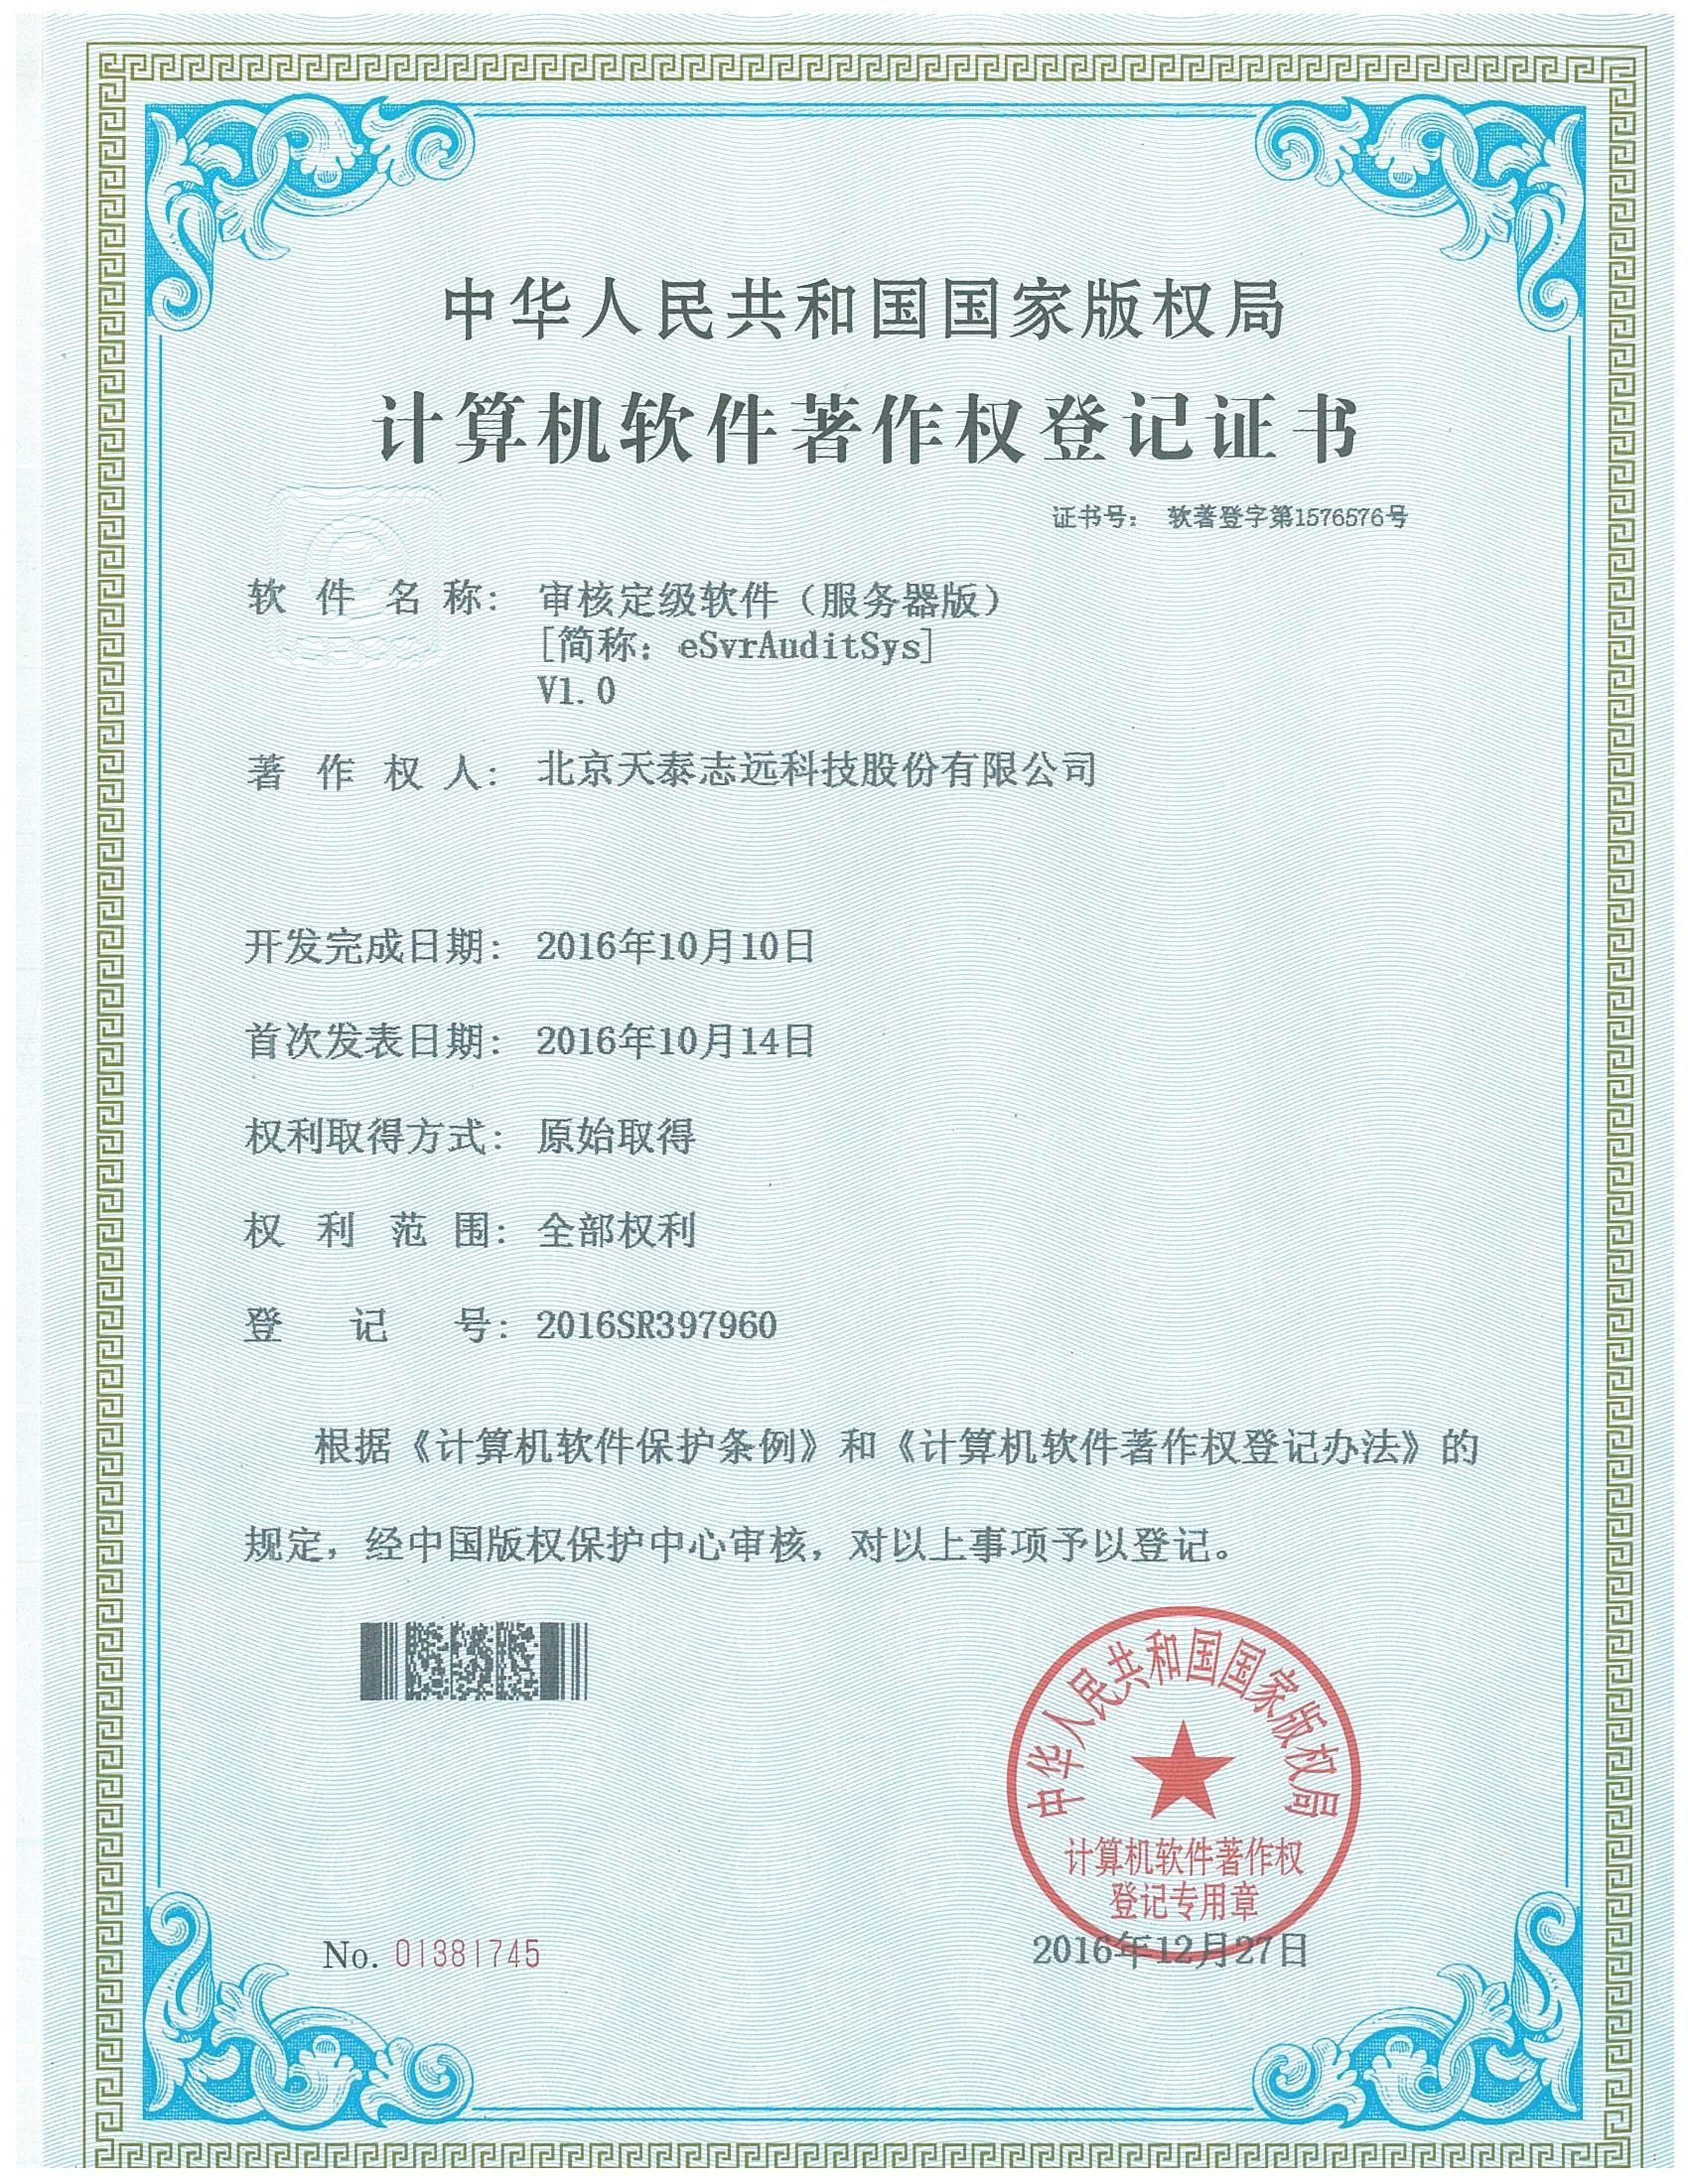 天泰志远:审核定级软件(服务器版)著作权登记证书